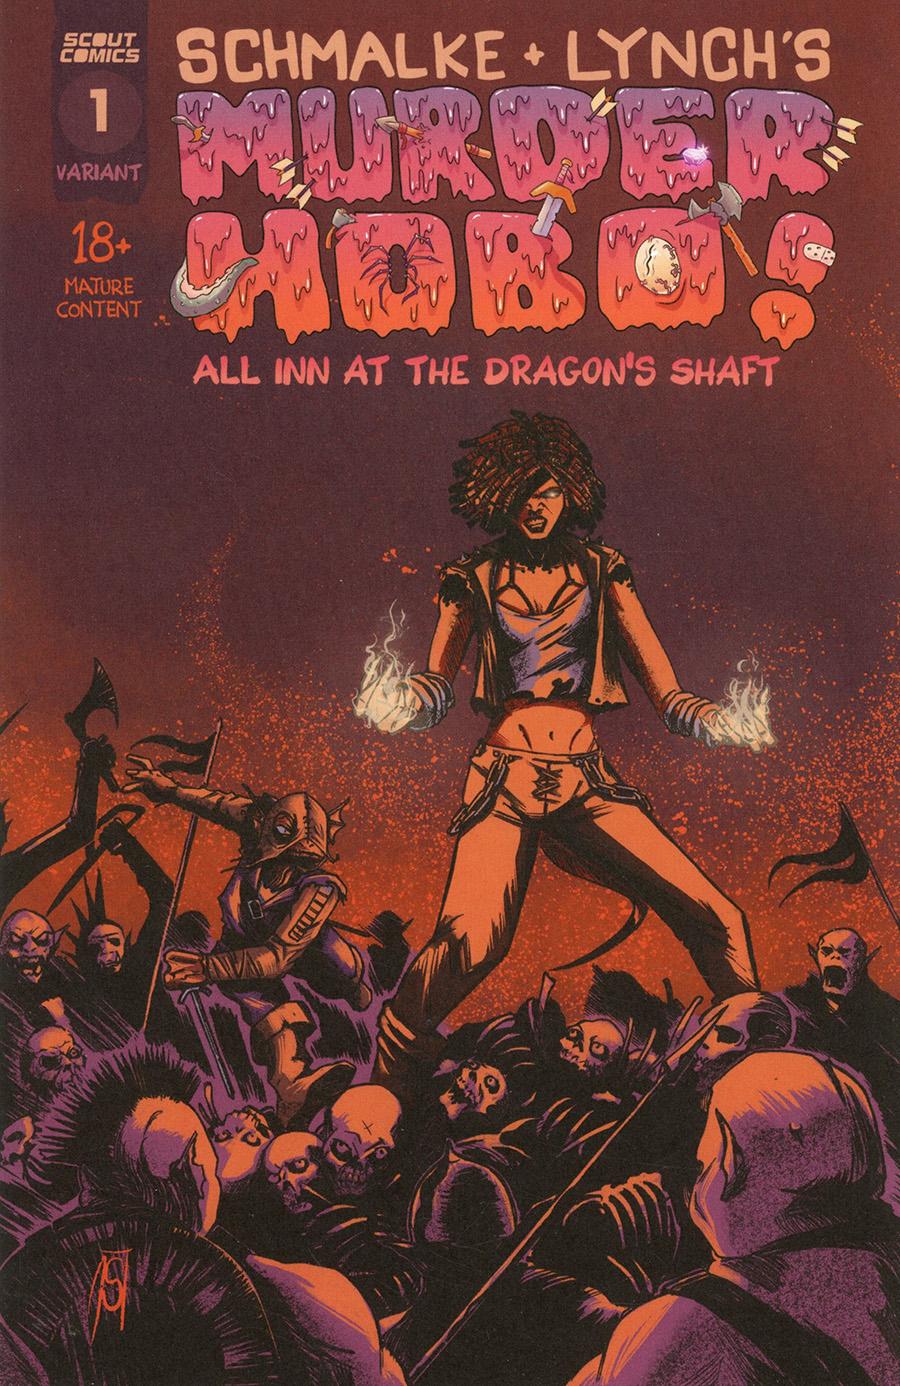 Murder Hobo All Inn At The Dragons Shaft #1 Cover B Variant Joseph Schmalke Cover